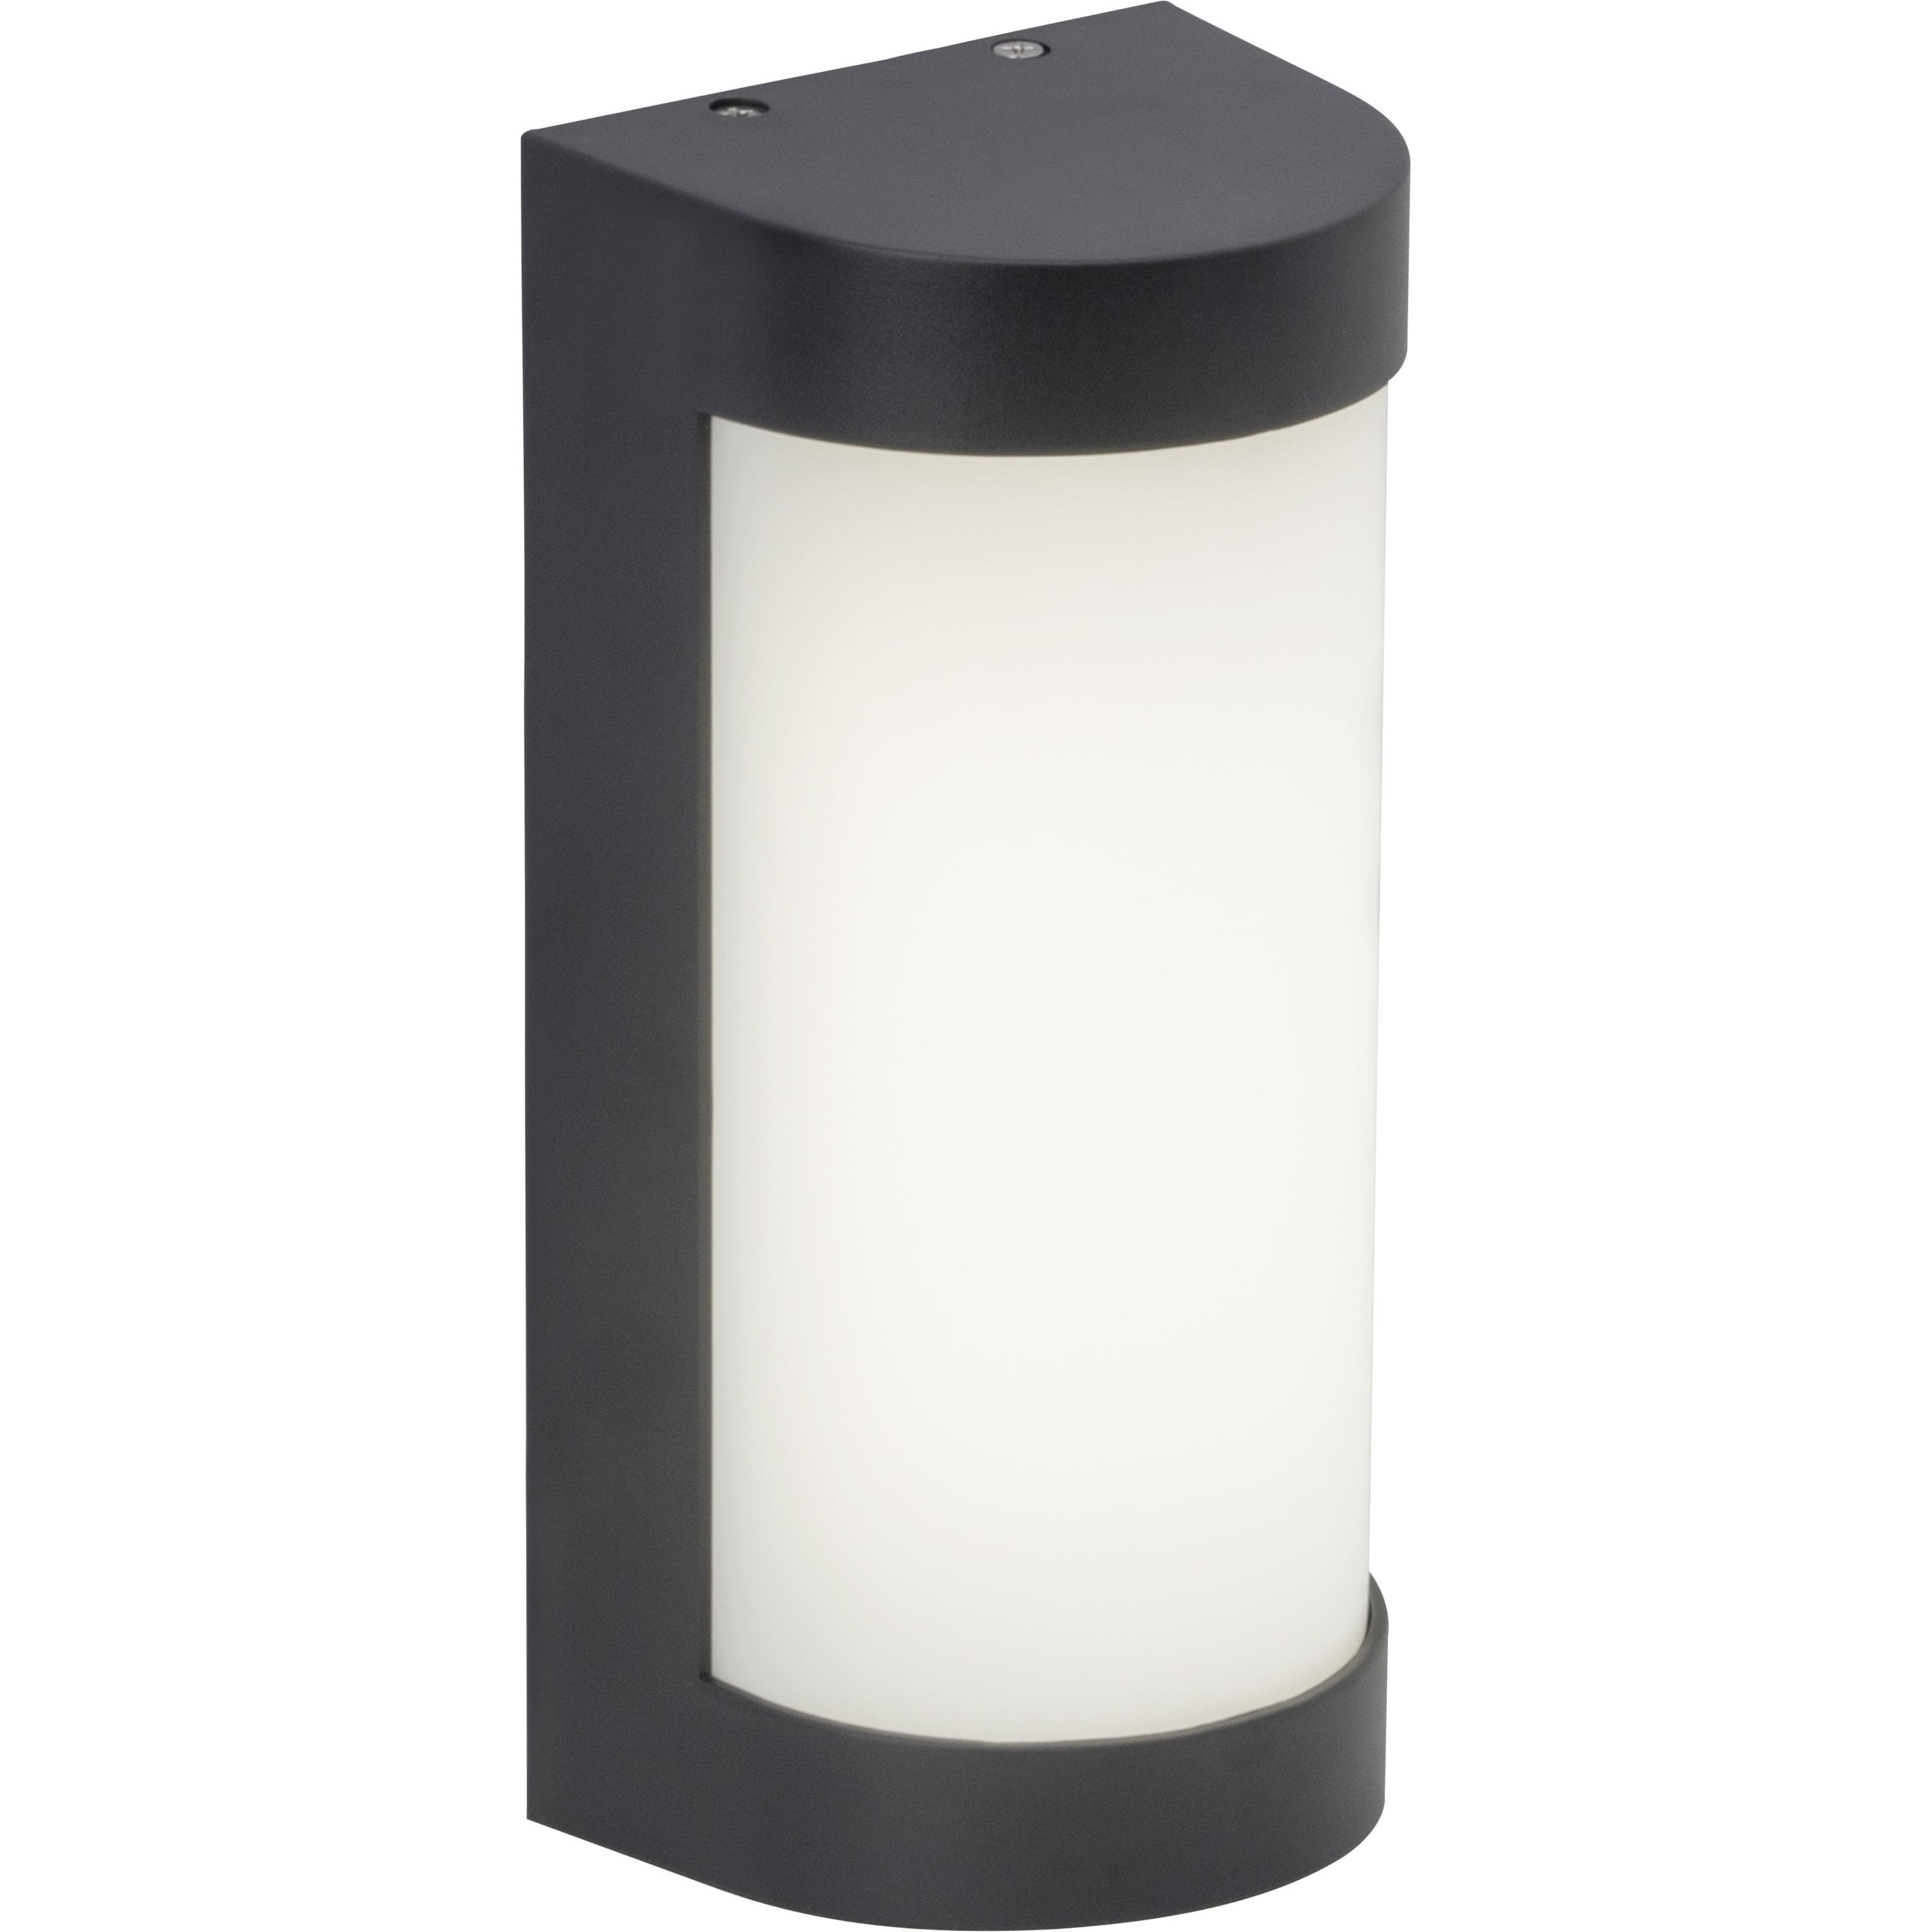 Brilliant Leuchten Harper LED Außenwandleuchte anthrazit